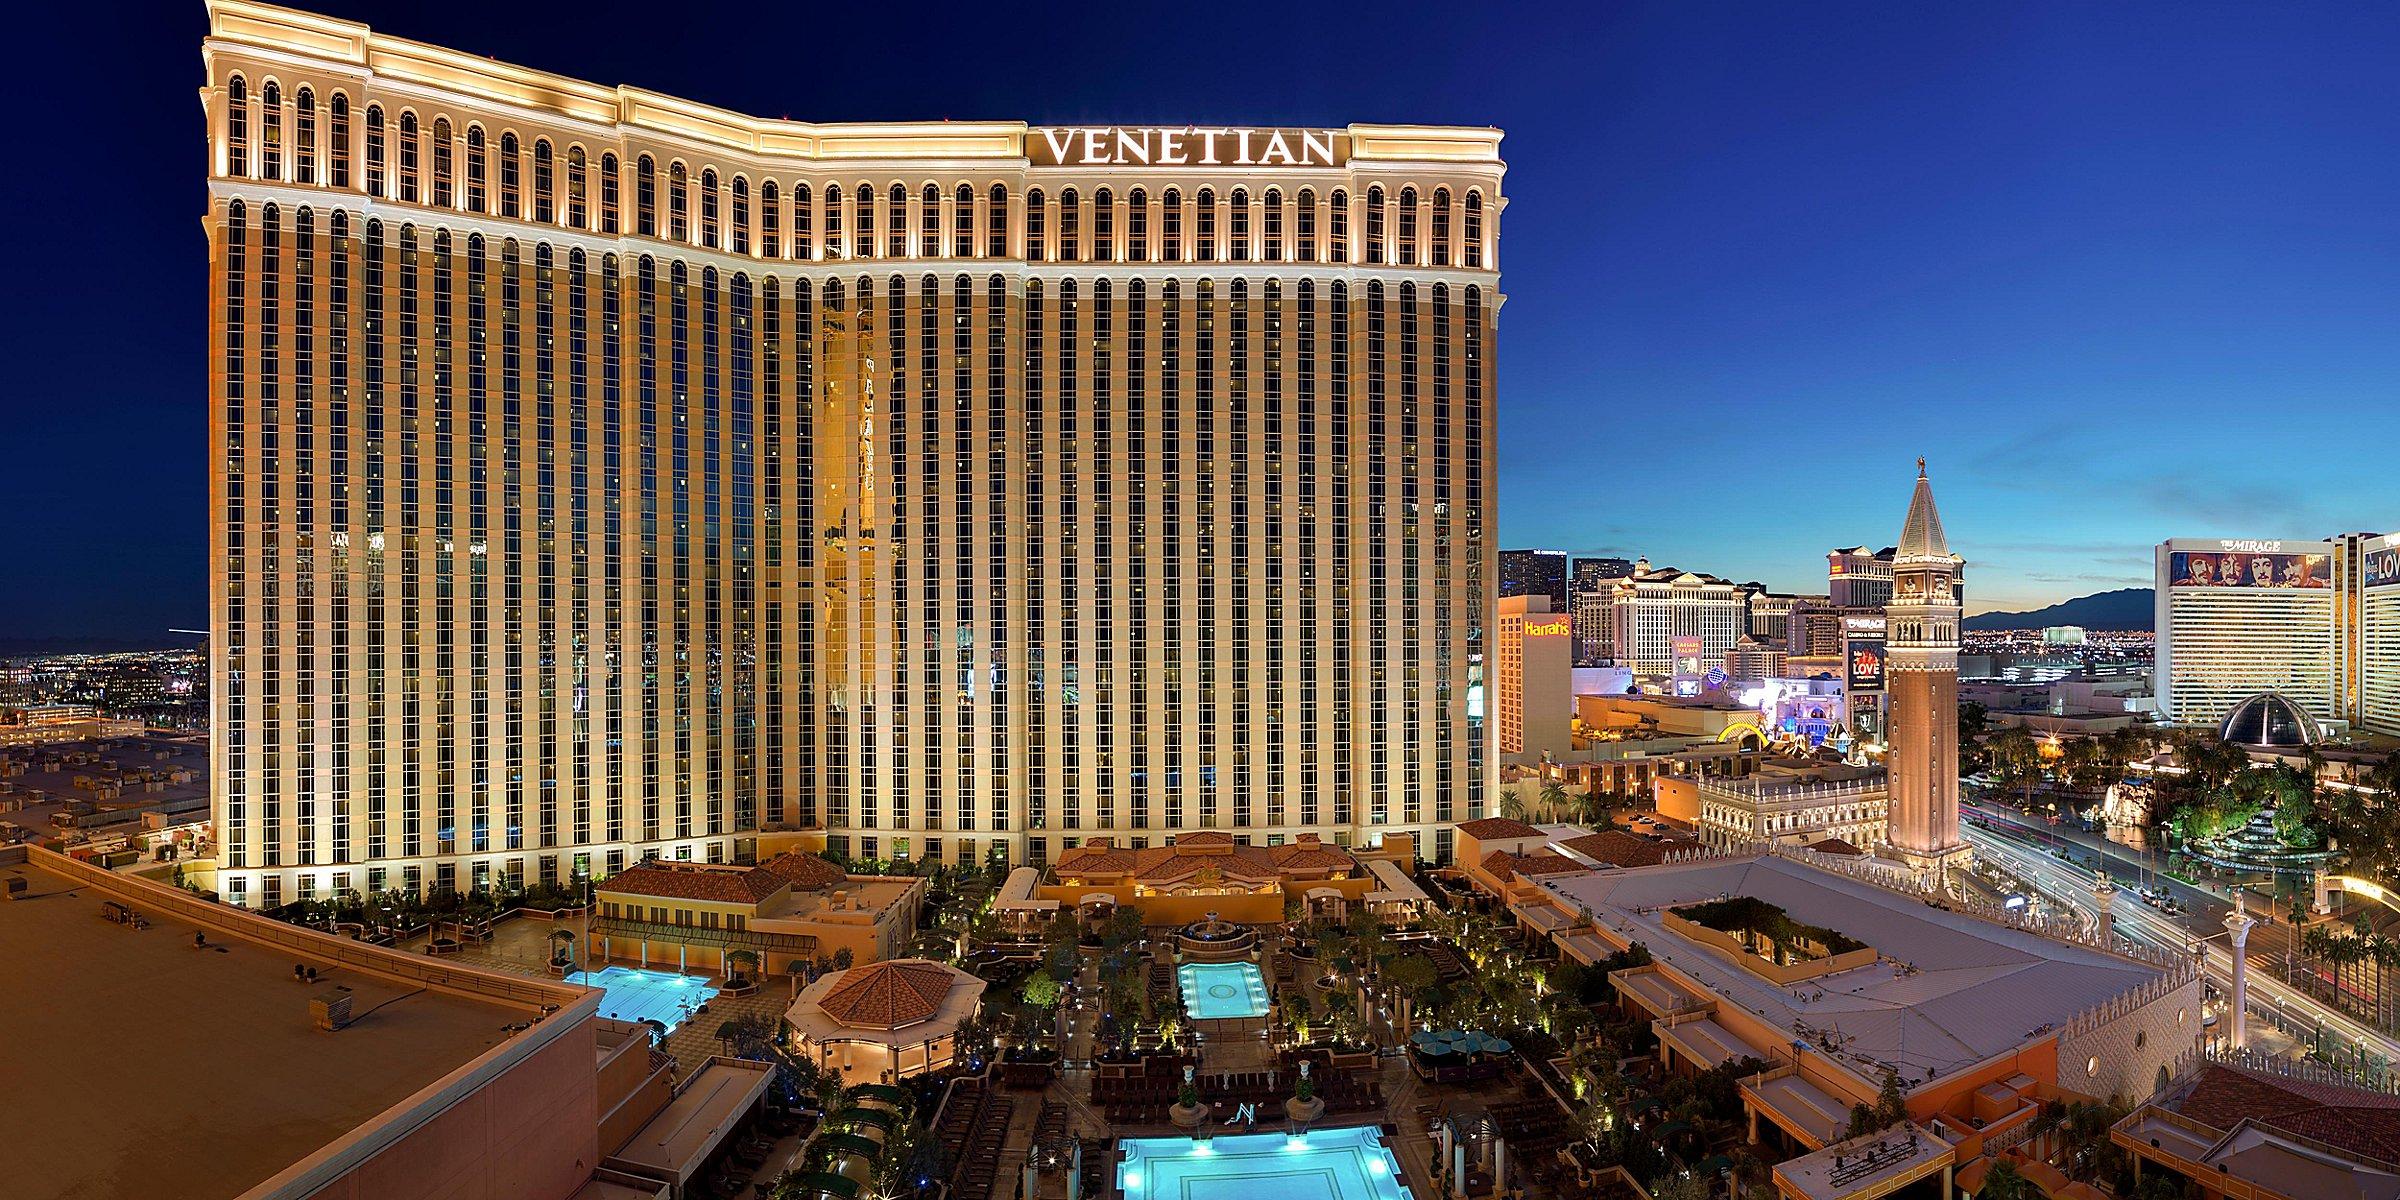 The Venetian Las Vegas | Luxury Resort Hotel in Las Vegas by IHG